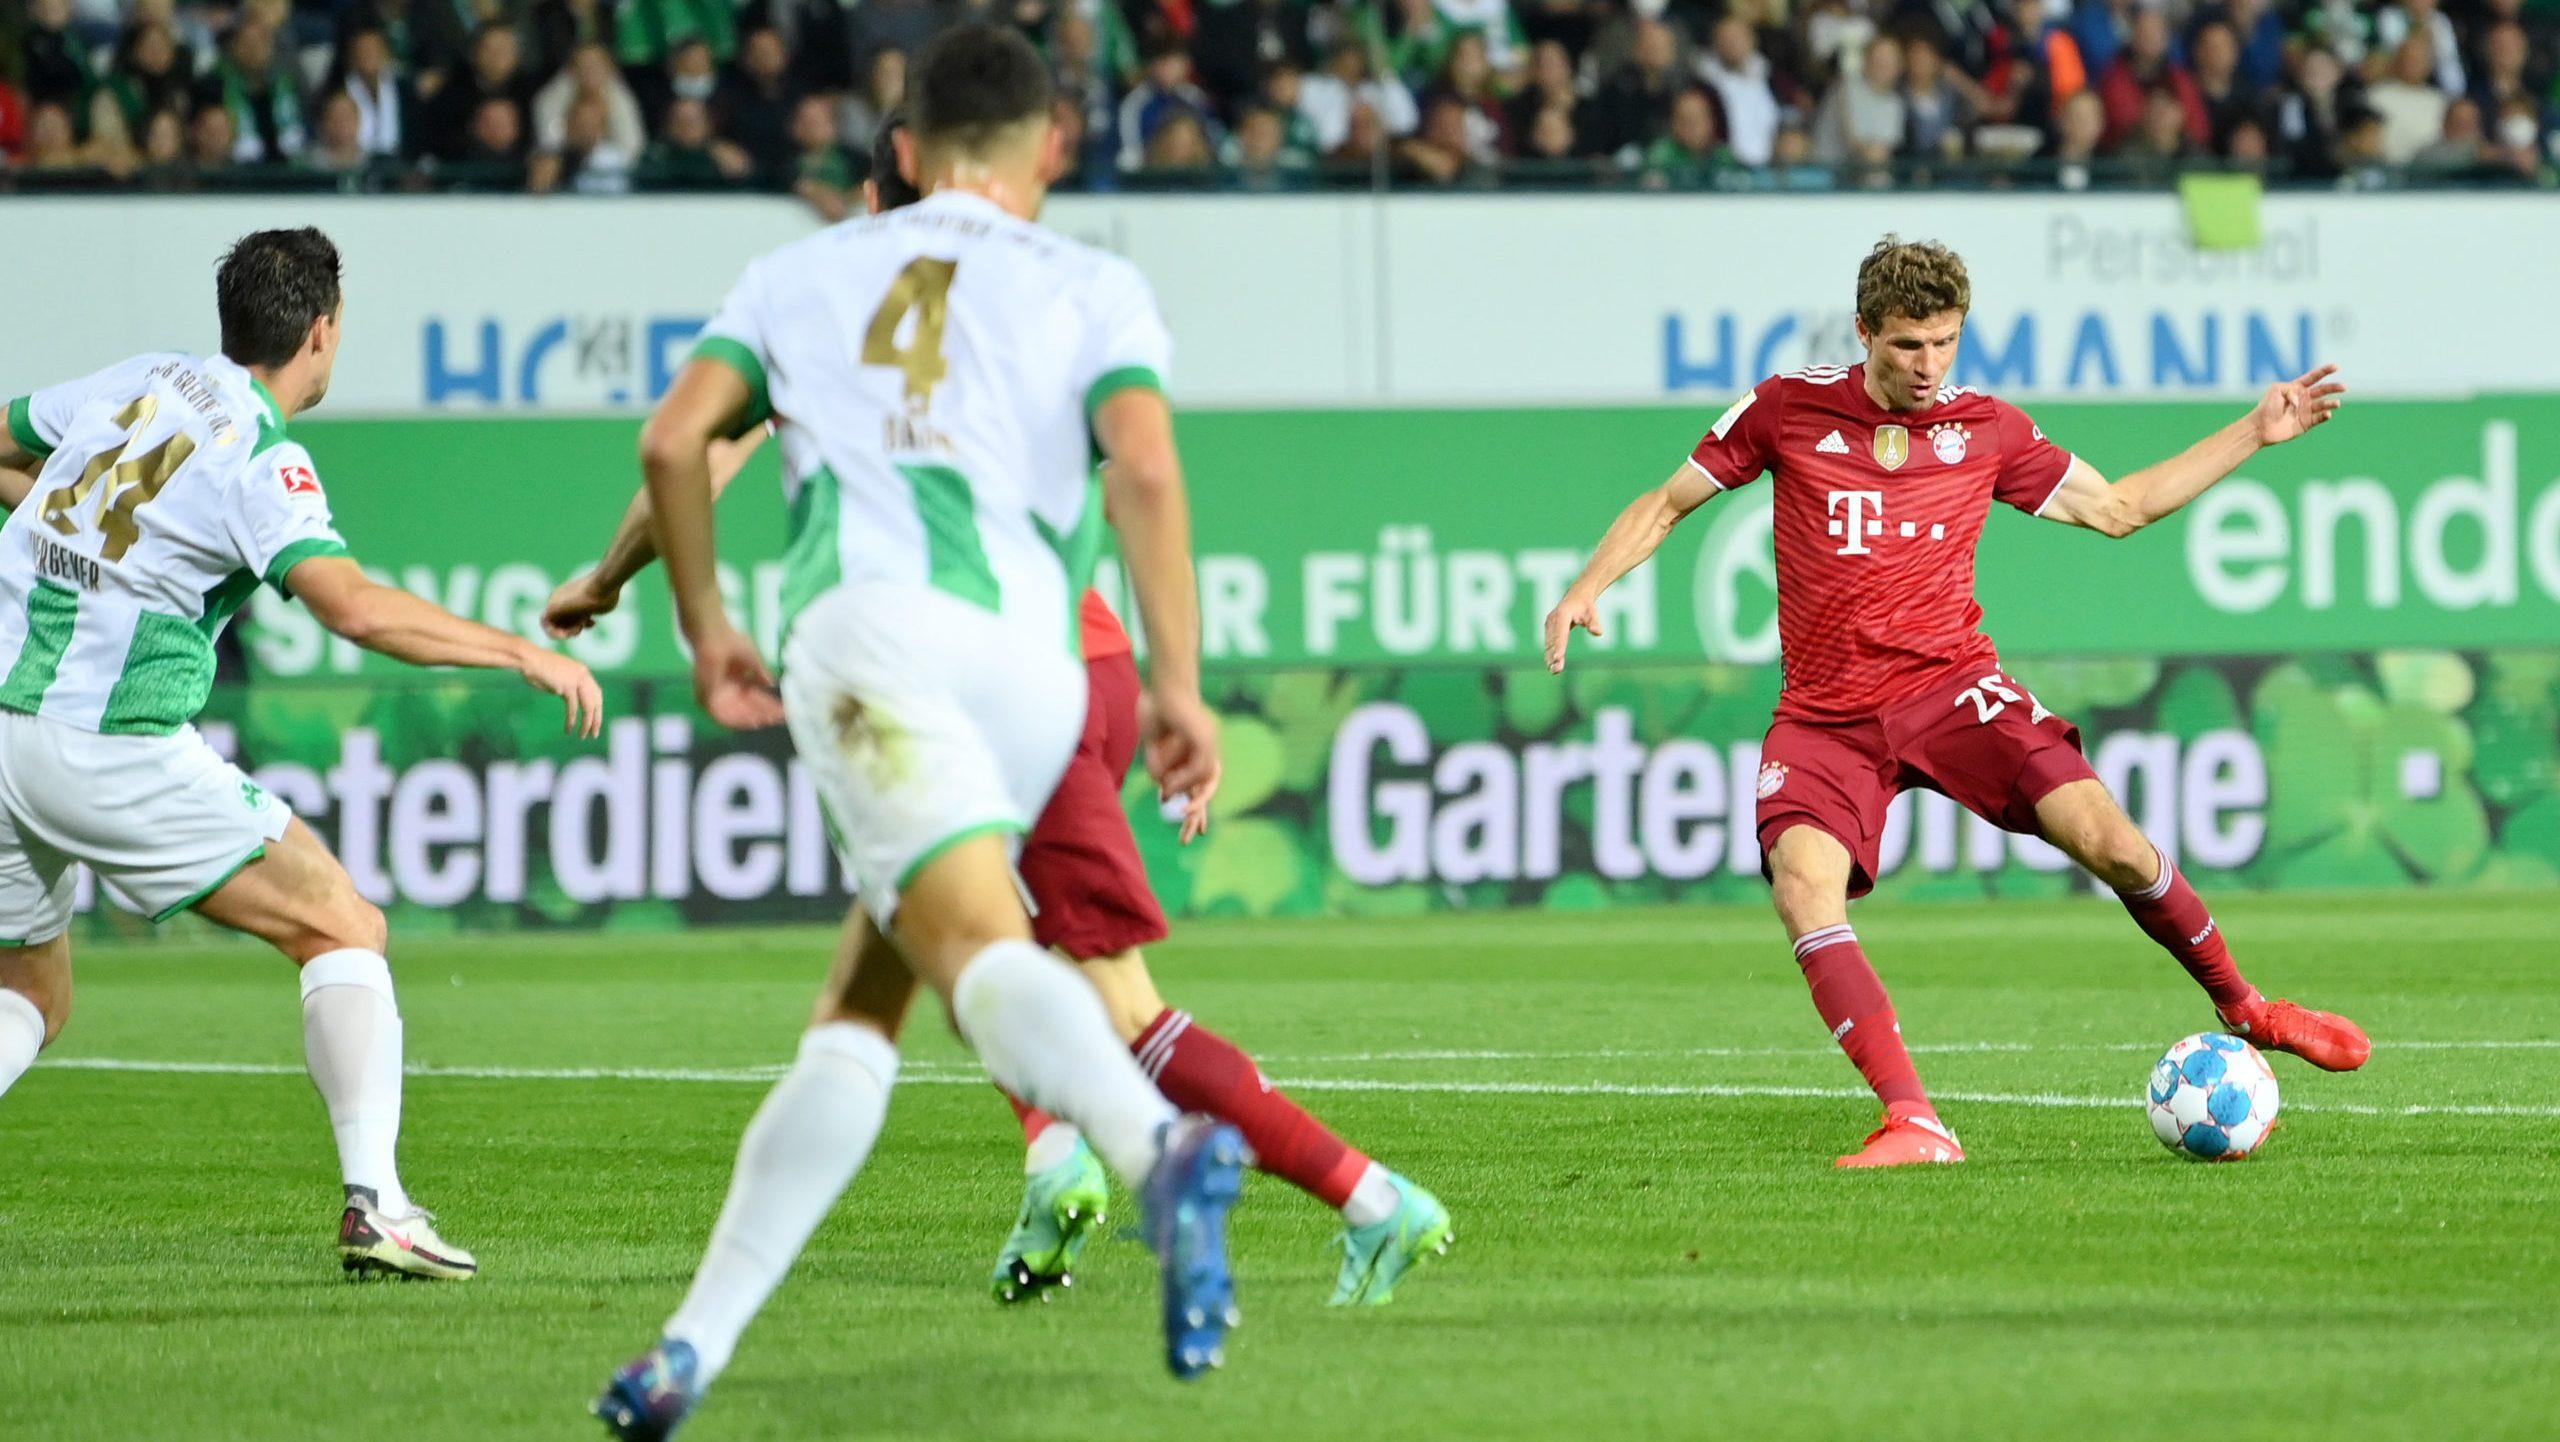 Dezimierte Bayern feiern 3:1-Arbeitssieg in Fürth